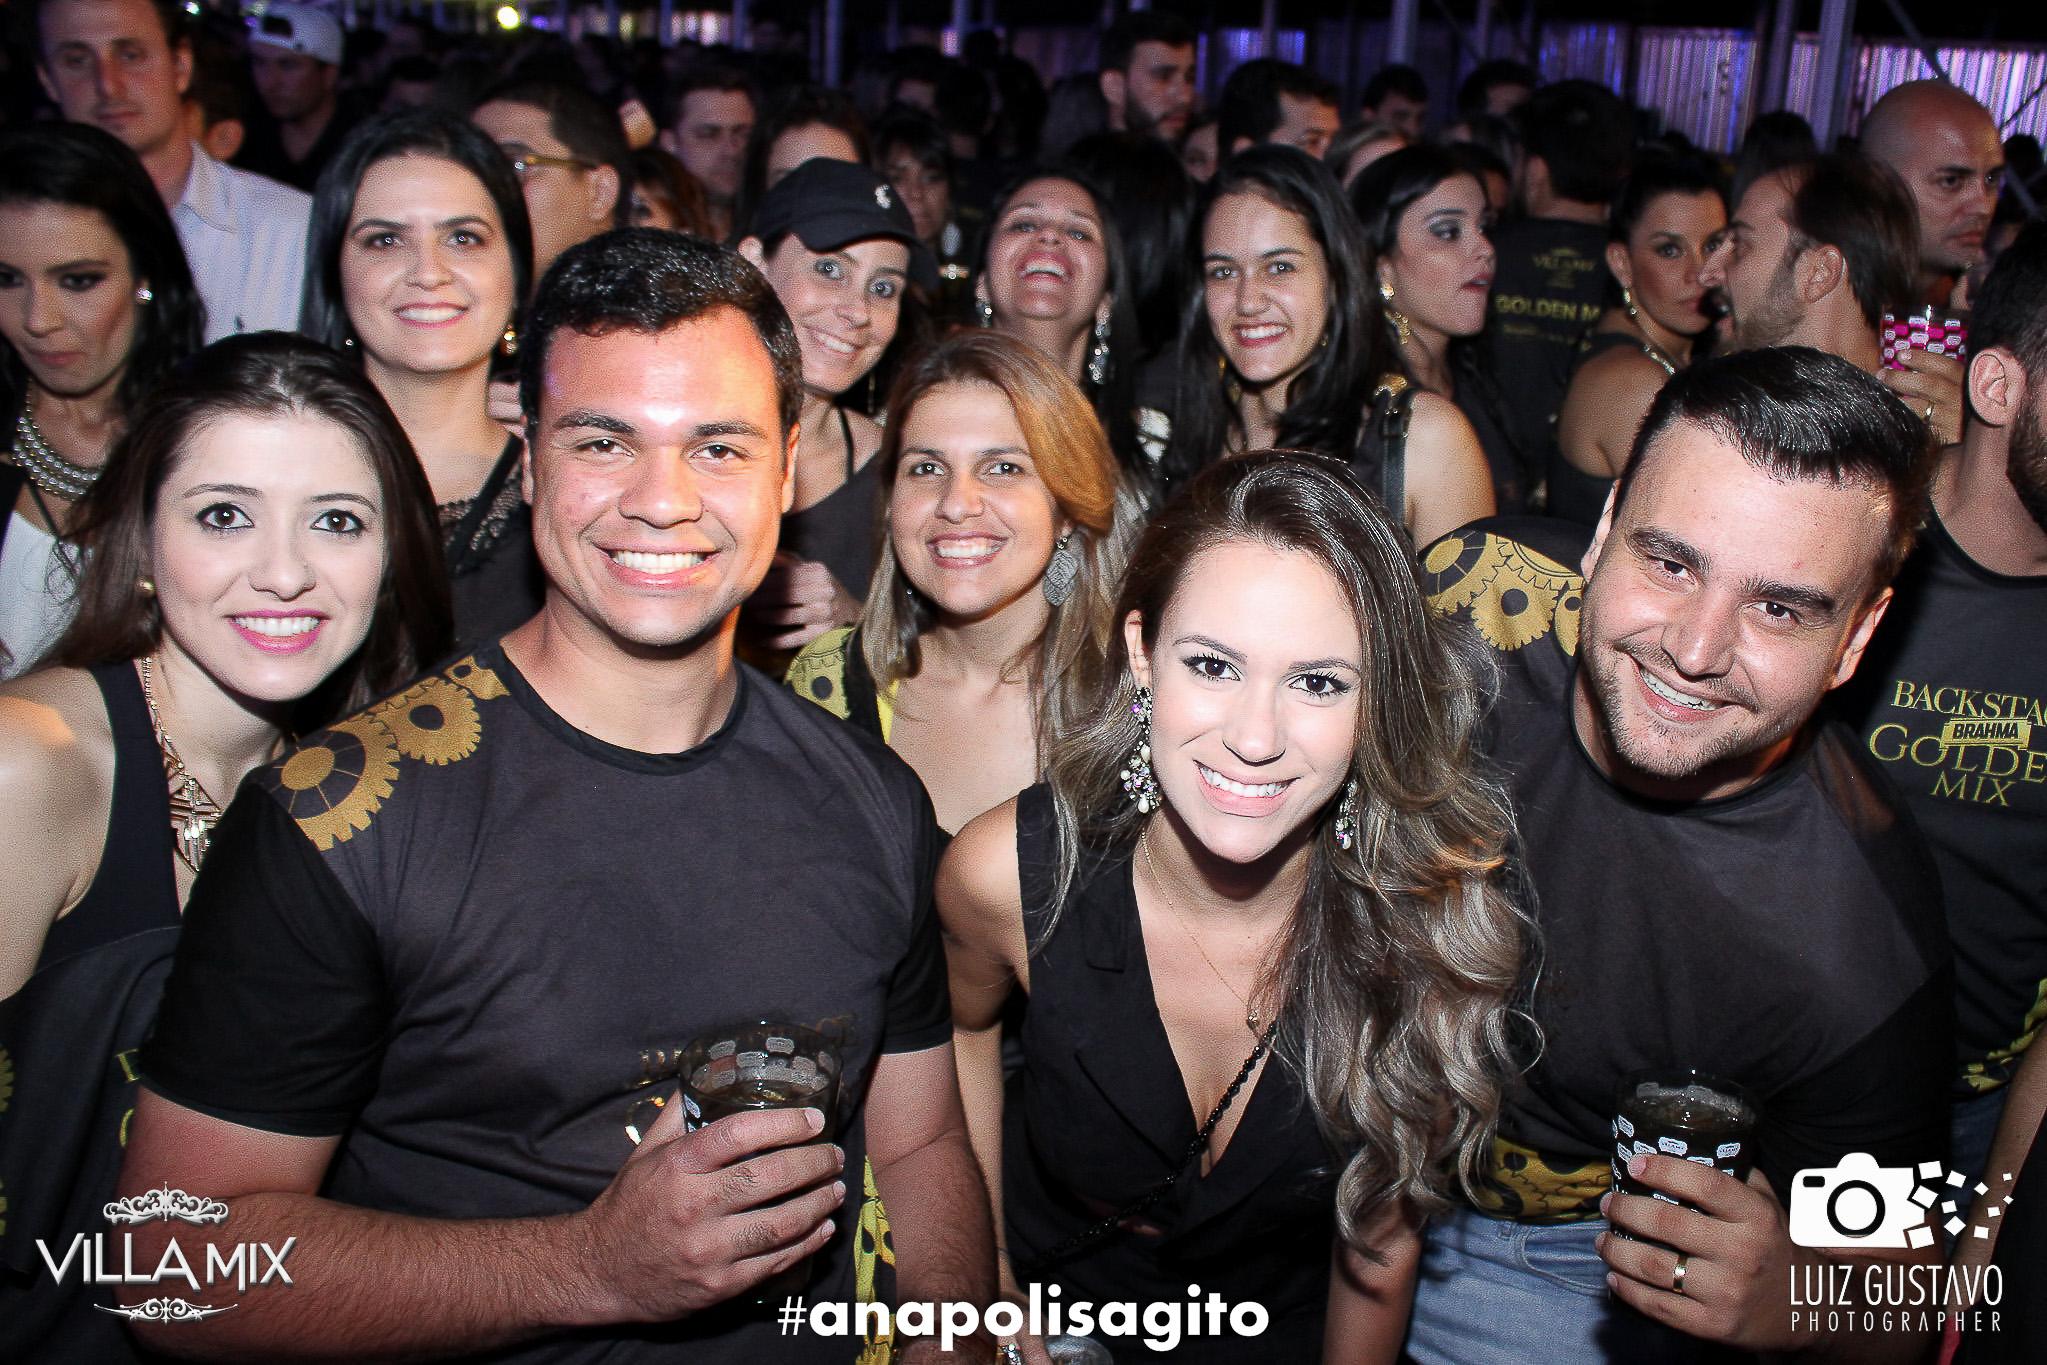 Luiz Gustavo Photographer (148 de 327)